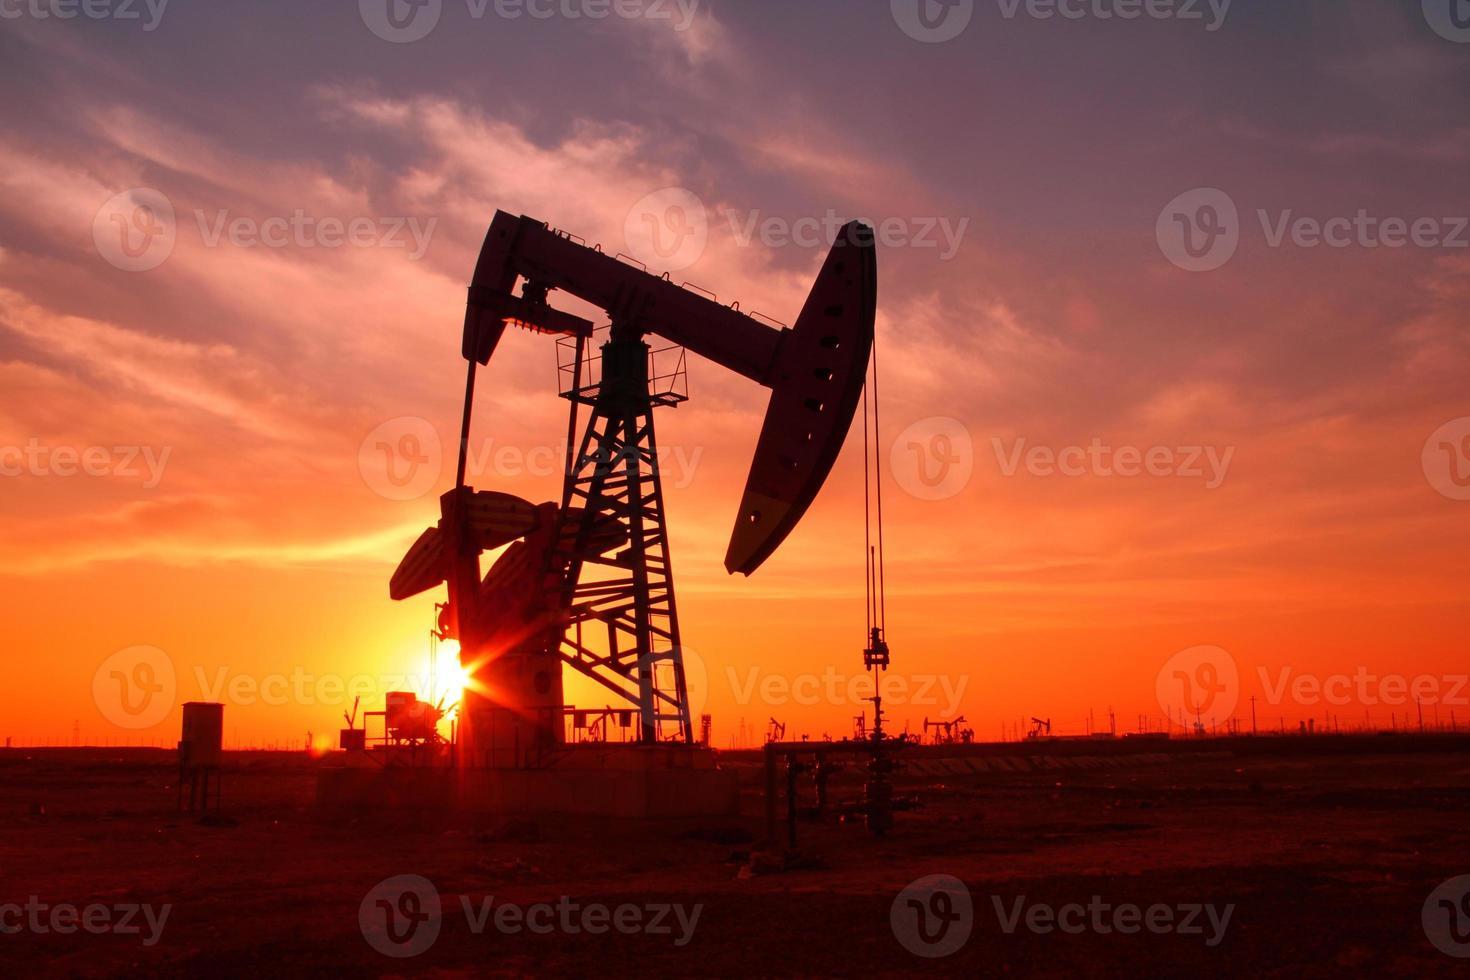 die Ölpumpe foto